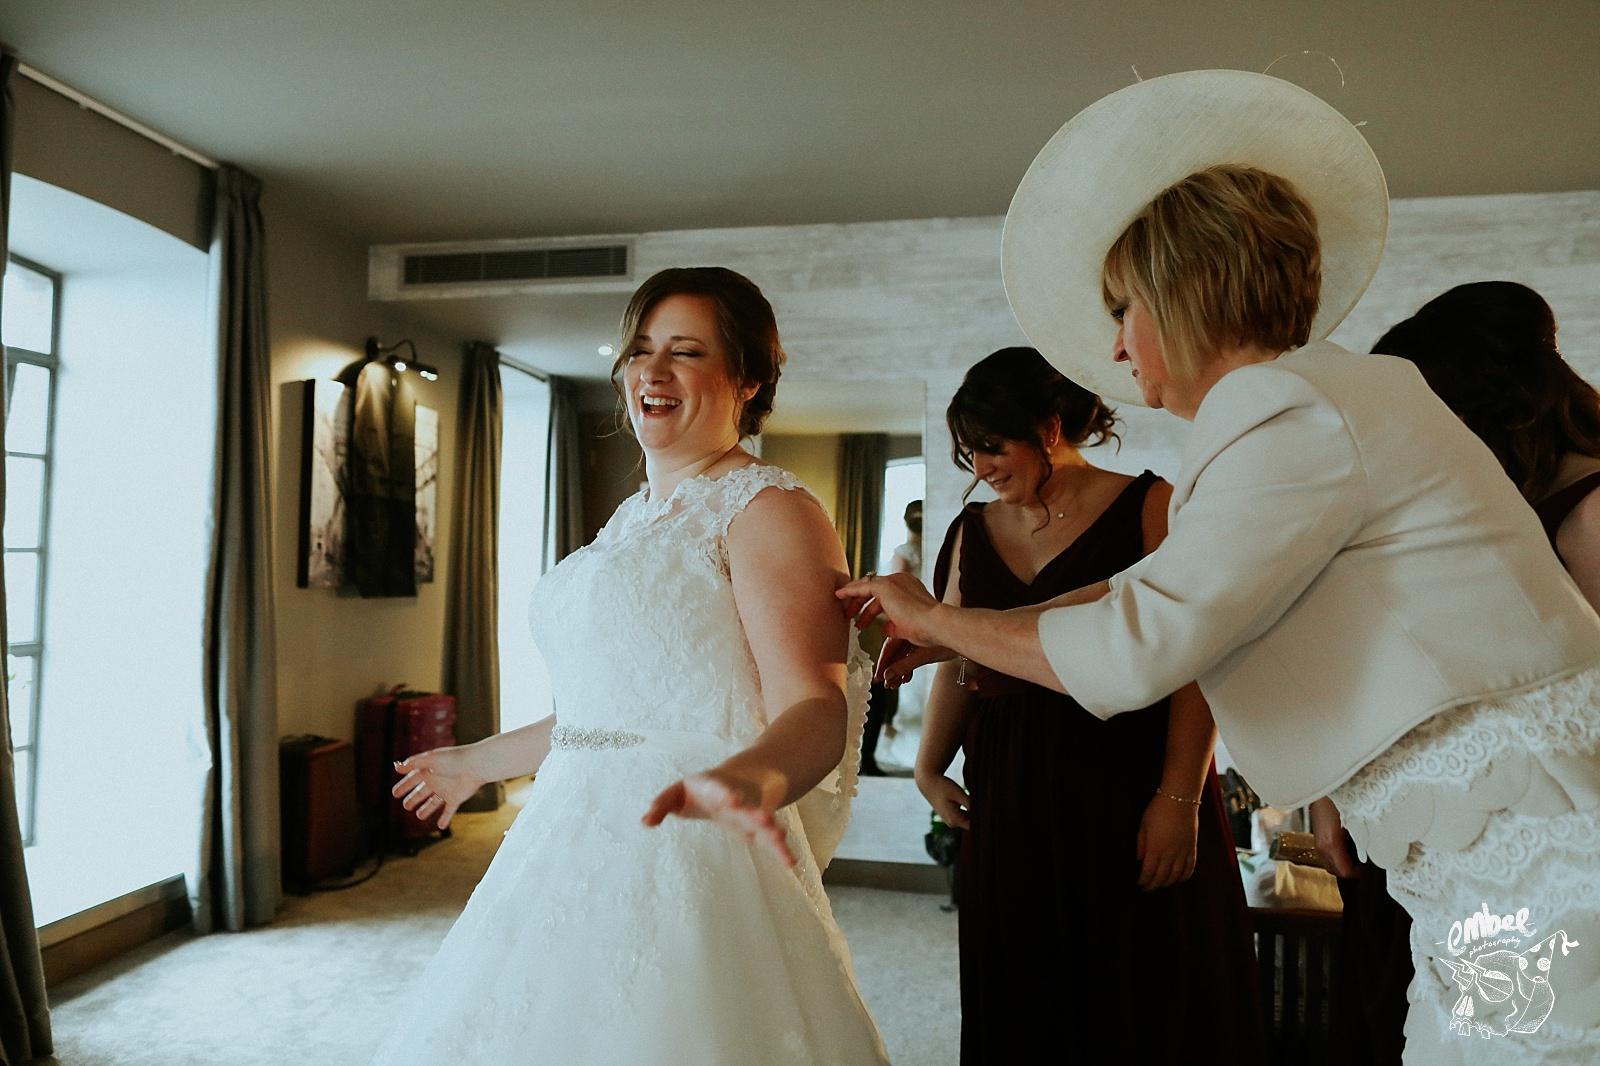 mum helping bride button up her dress